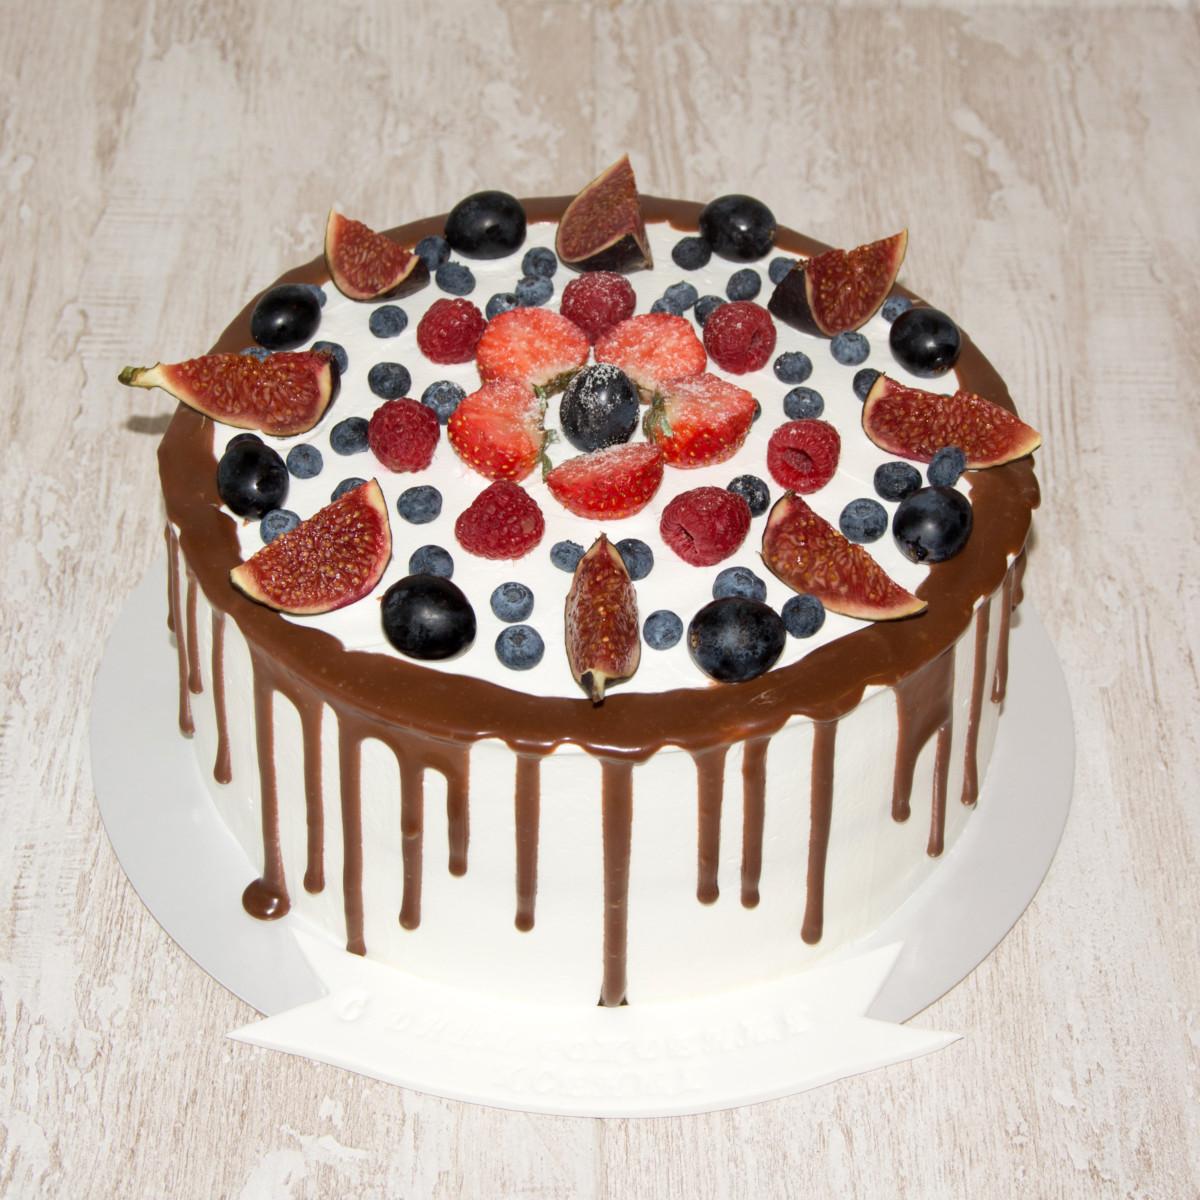 Как украсить торт в домашних условиях без мастики фото